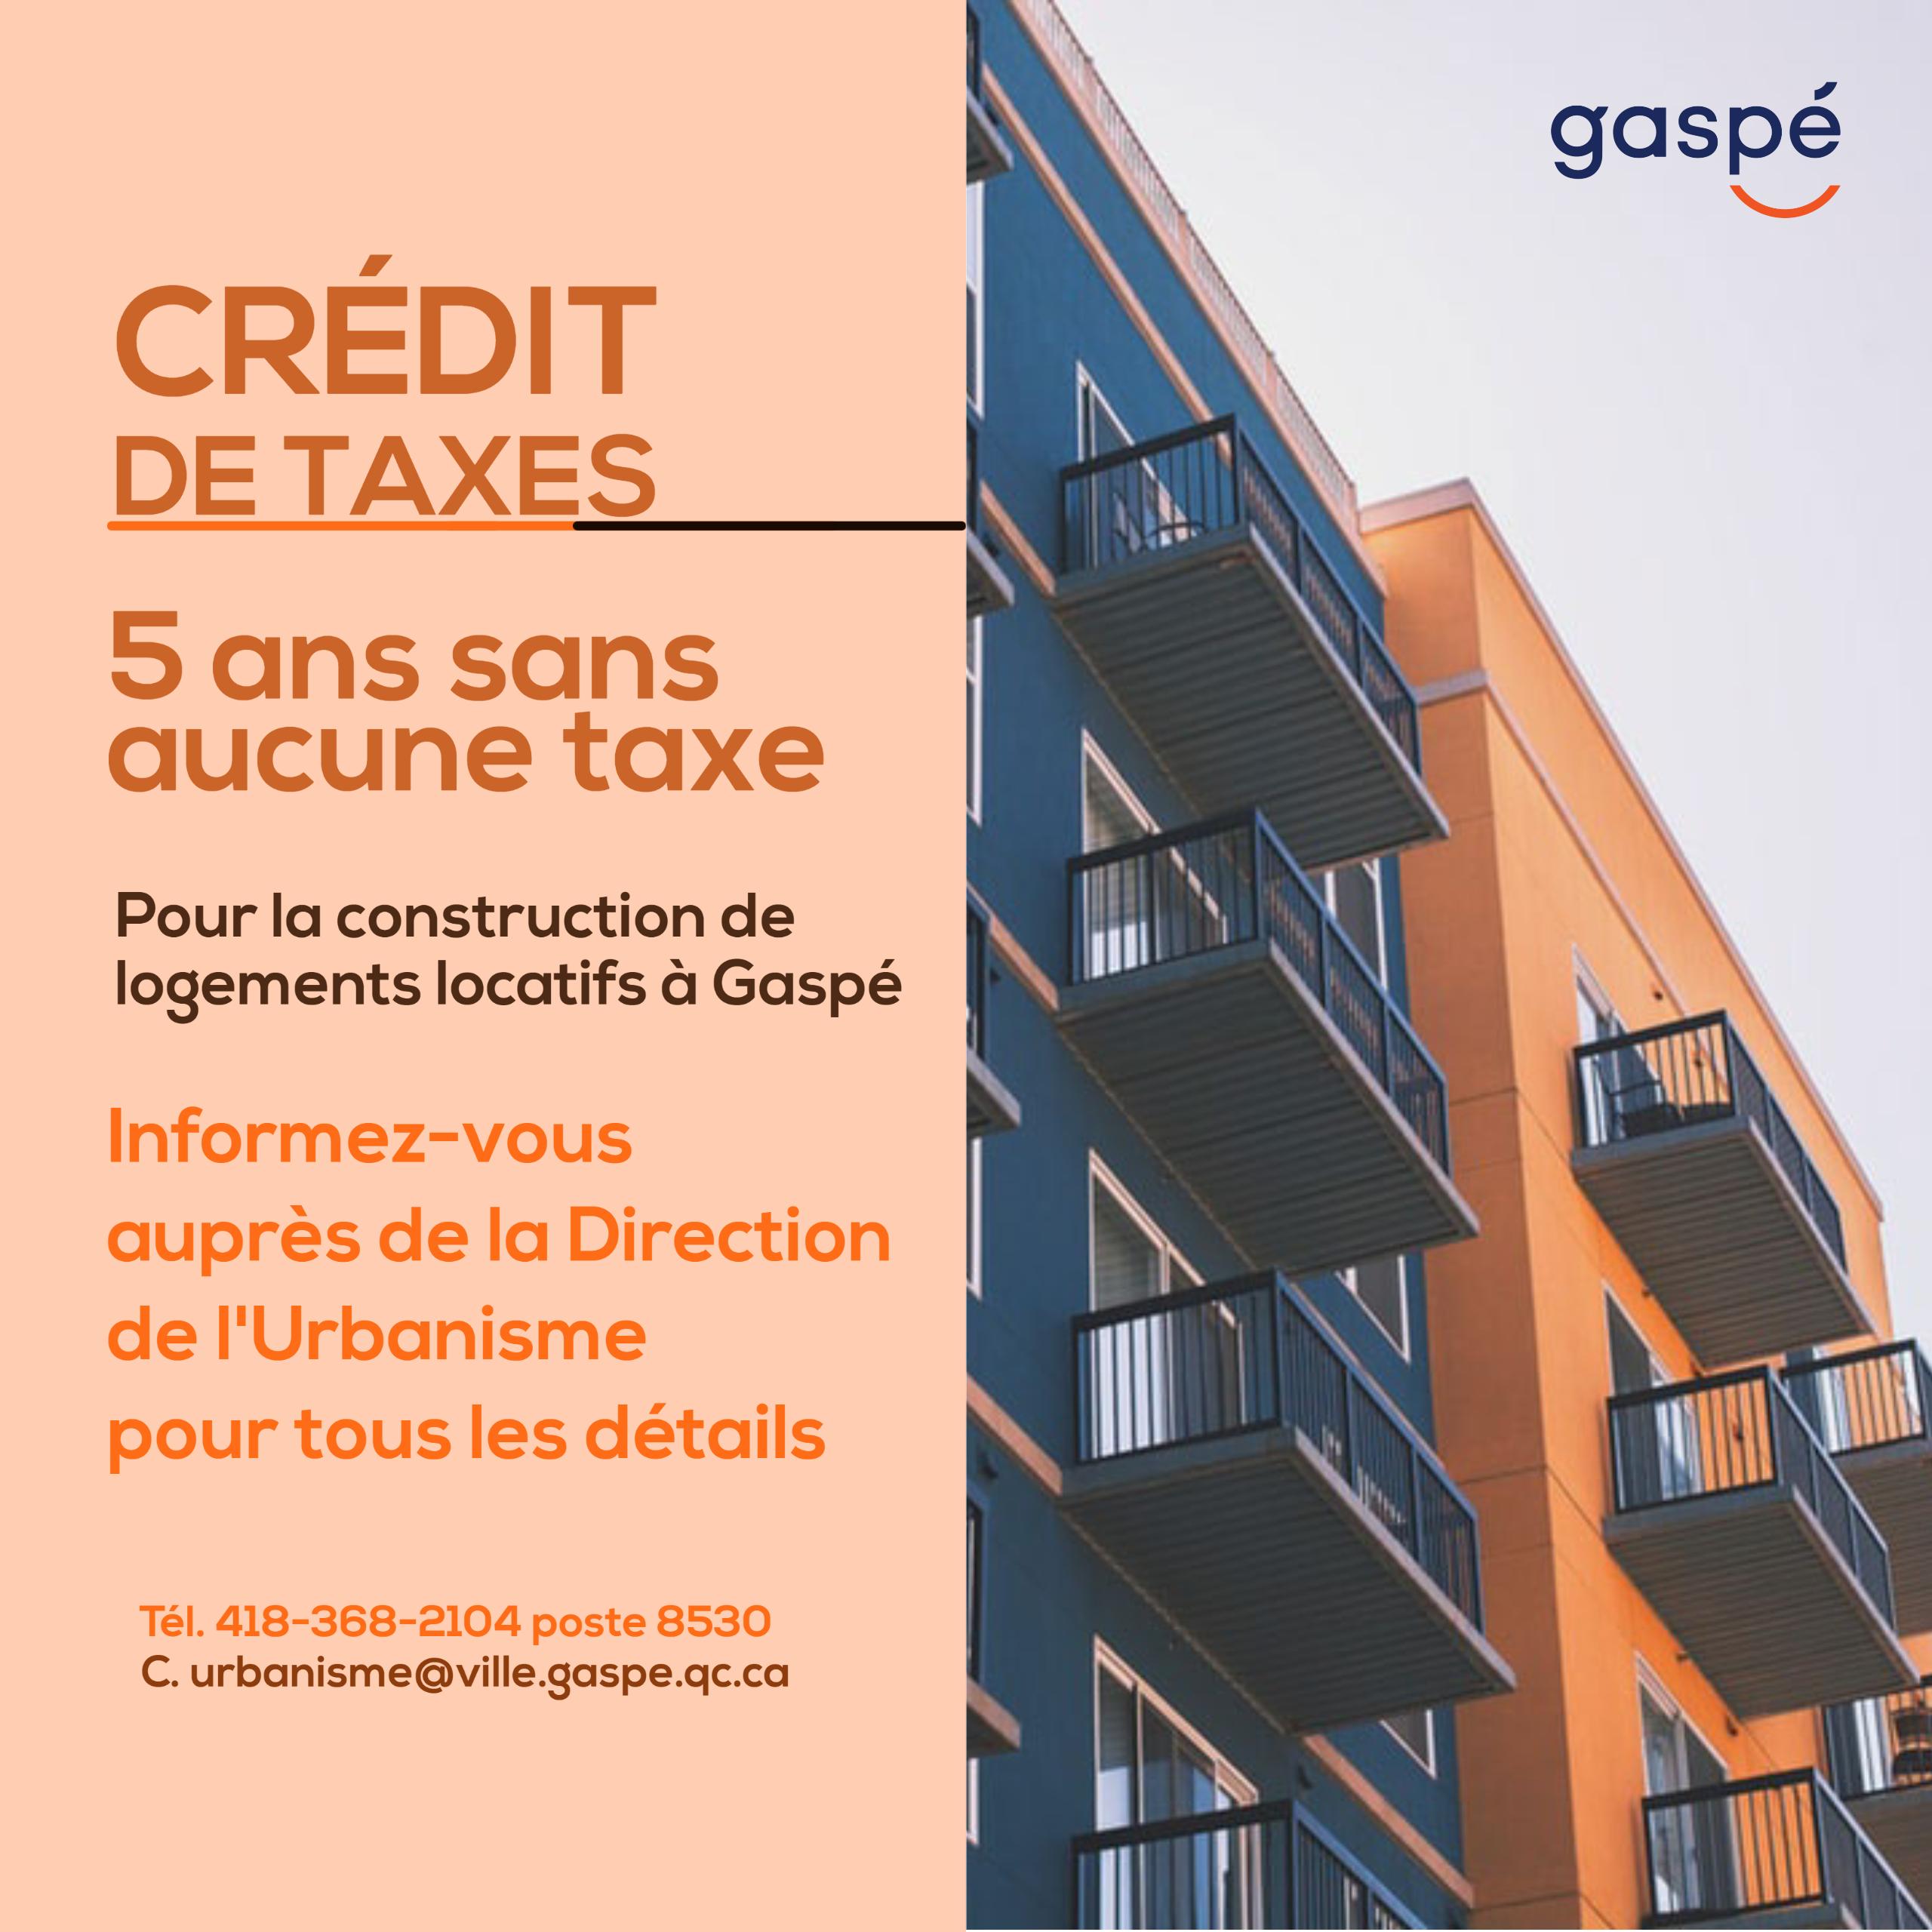 credits de taxes logements gaspé